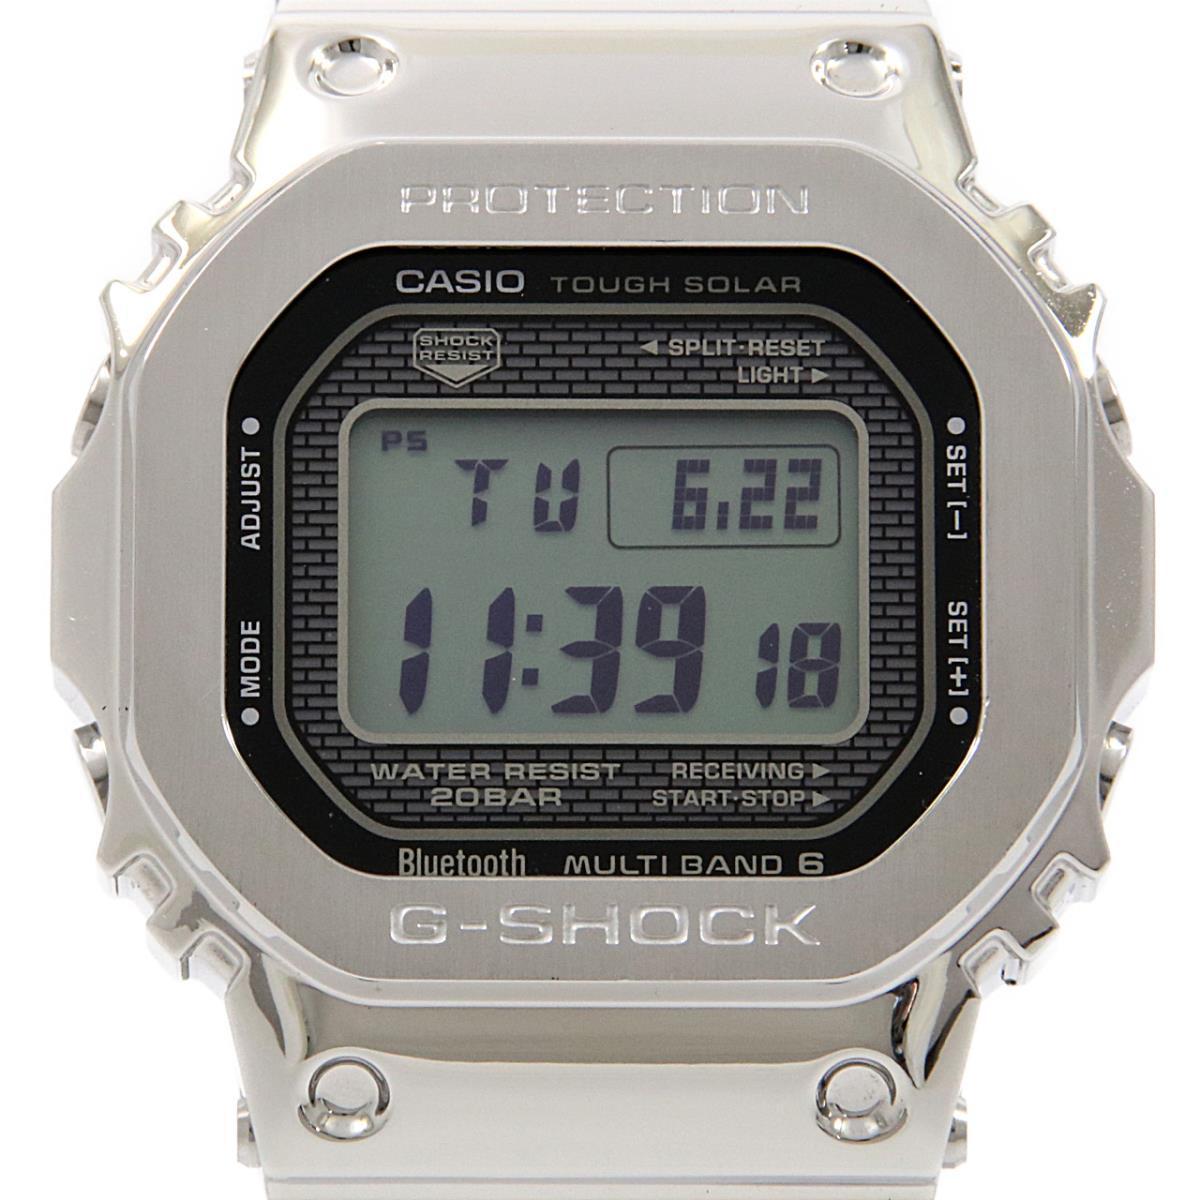 カシオ GMW-B5000D-1JF G-SHOCK ソーラークォーツ